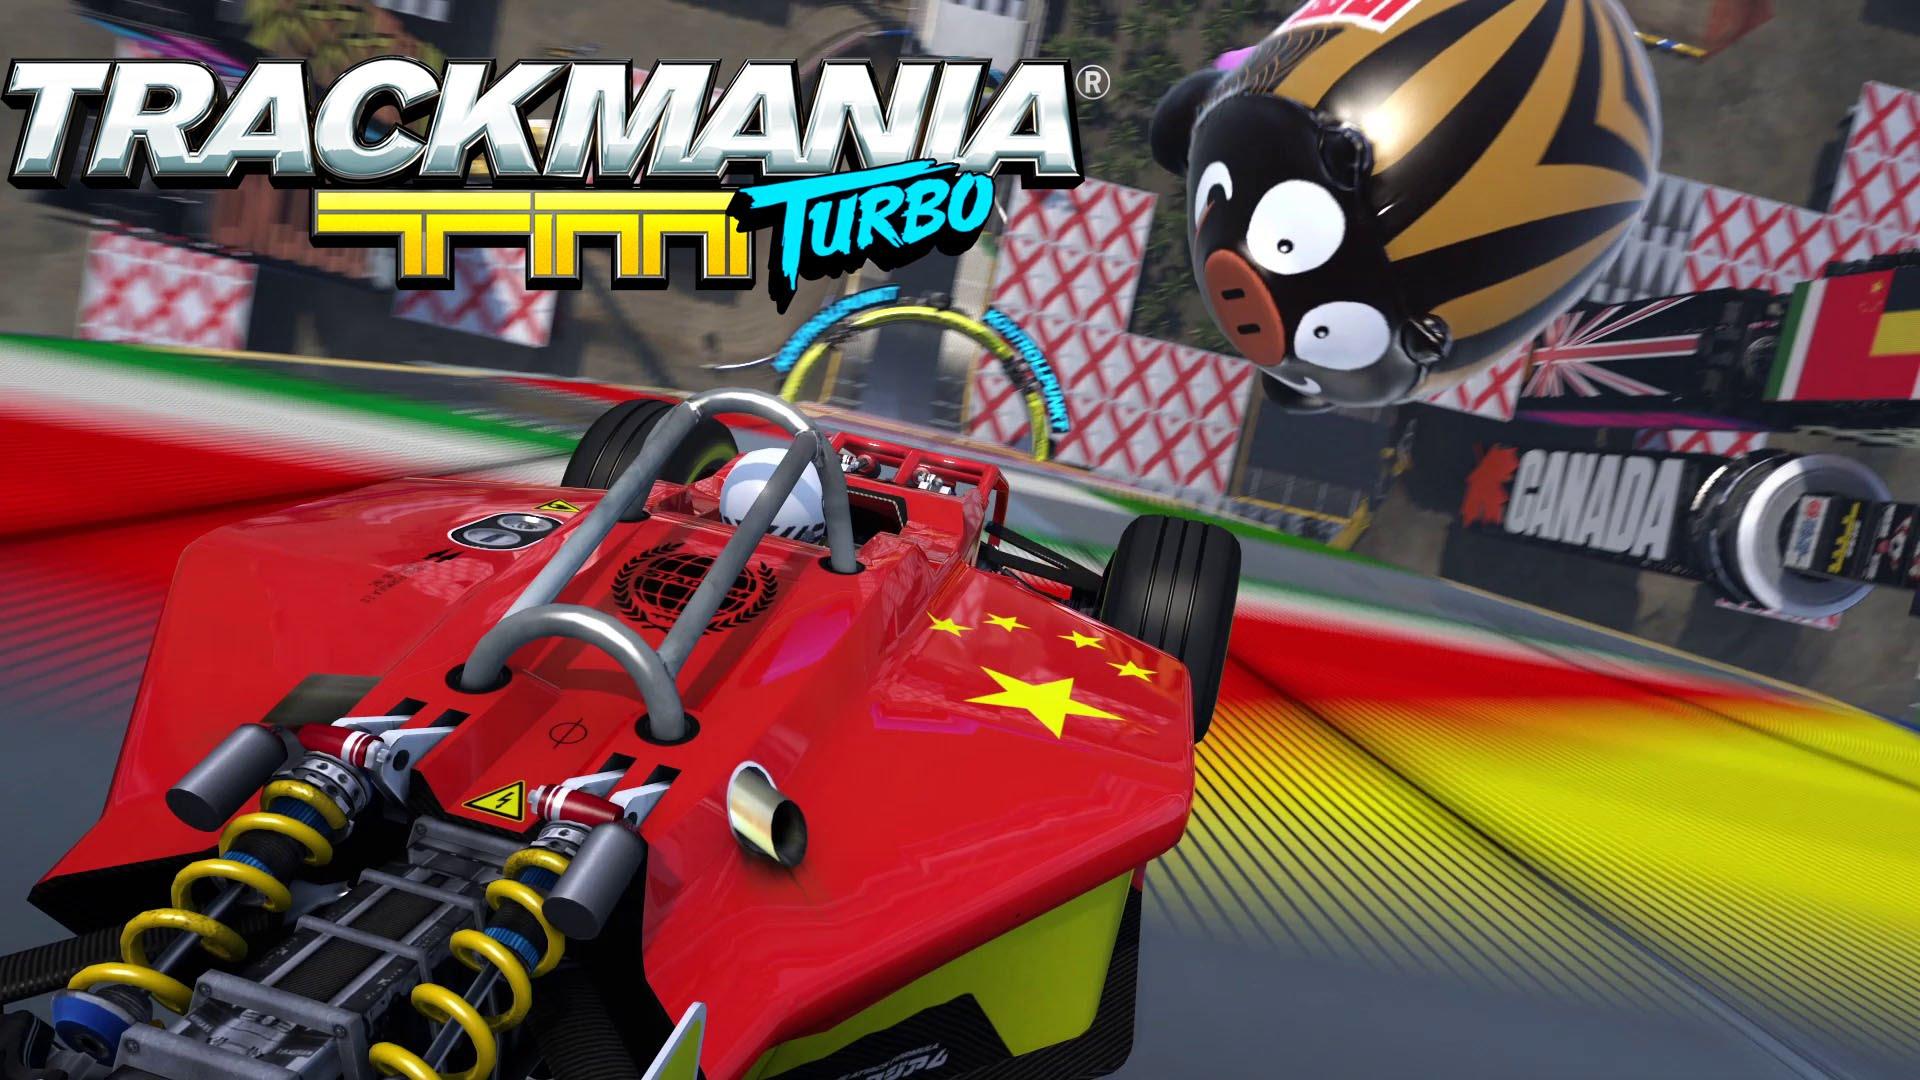 Itta a legújabb Trackmania játék hivatalos trailere